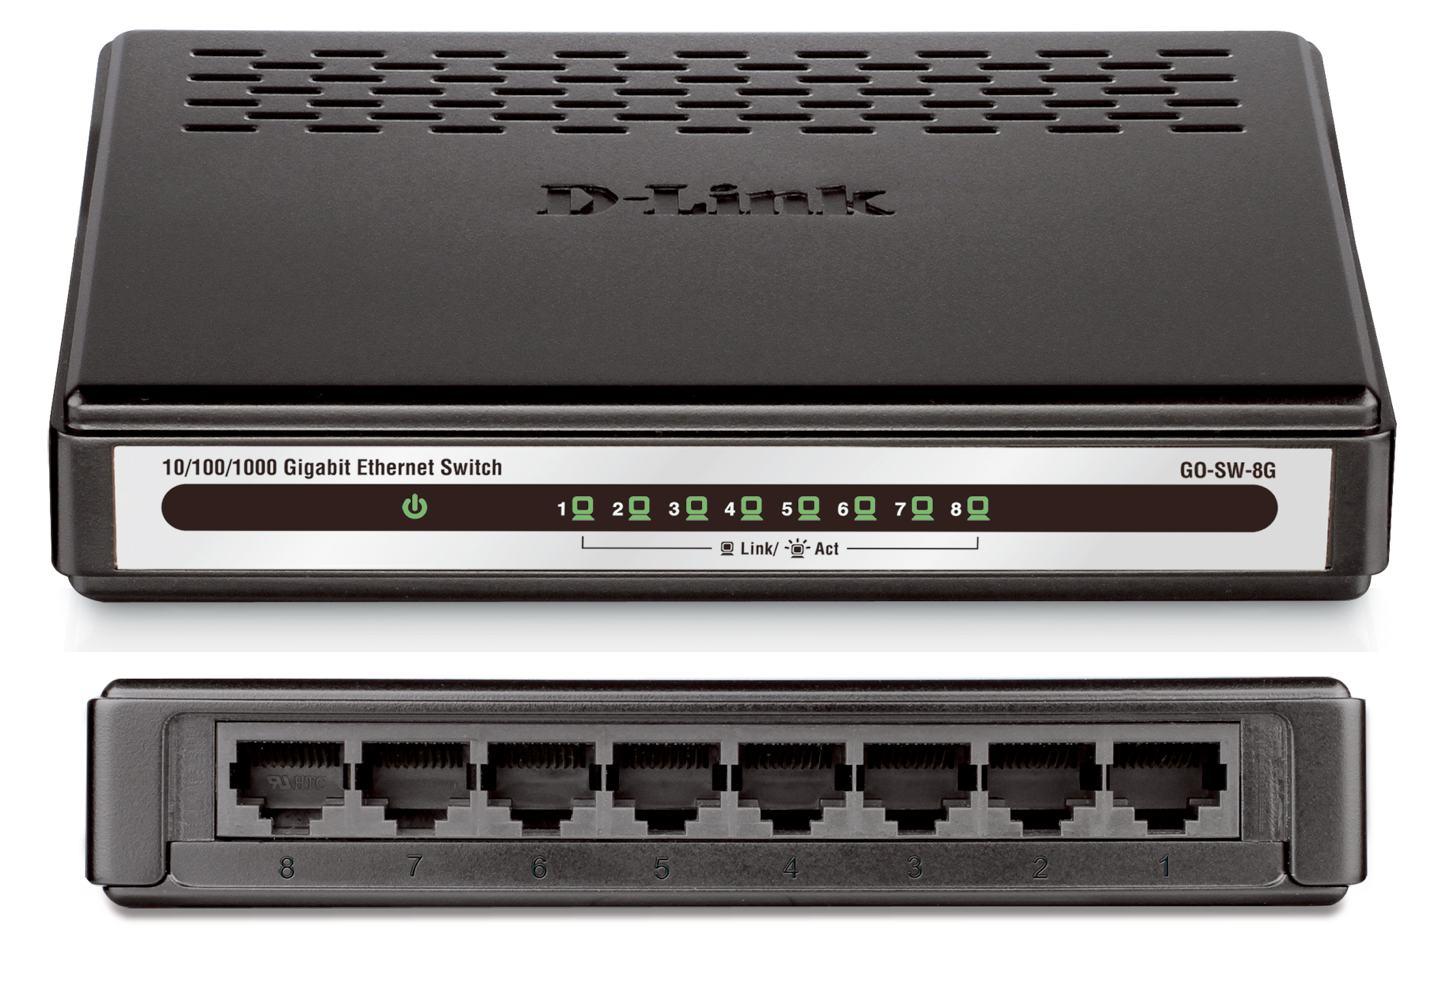 d link 8 port gigabit desktop switch go sw 8g. Black Bedroom Furniture Sets. Home Design Ideas